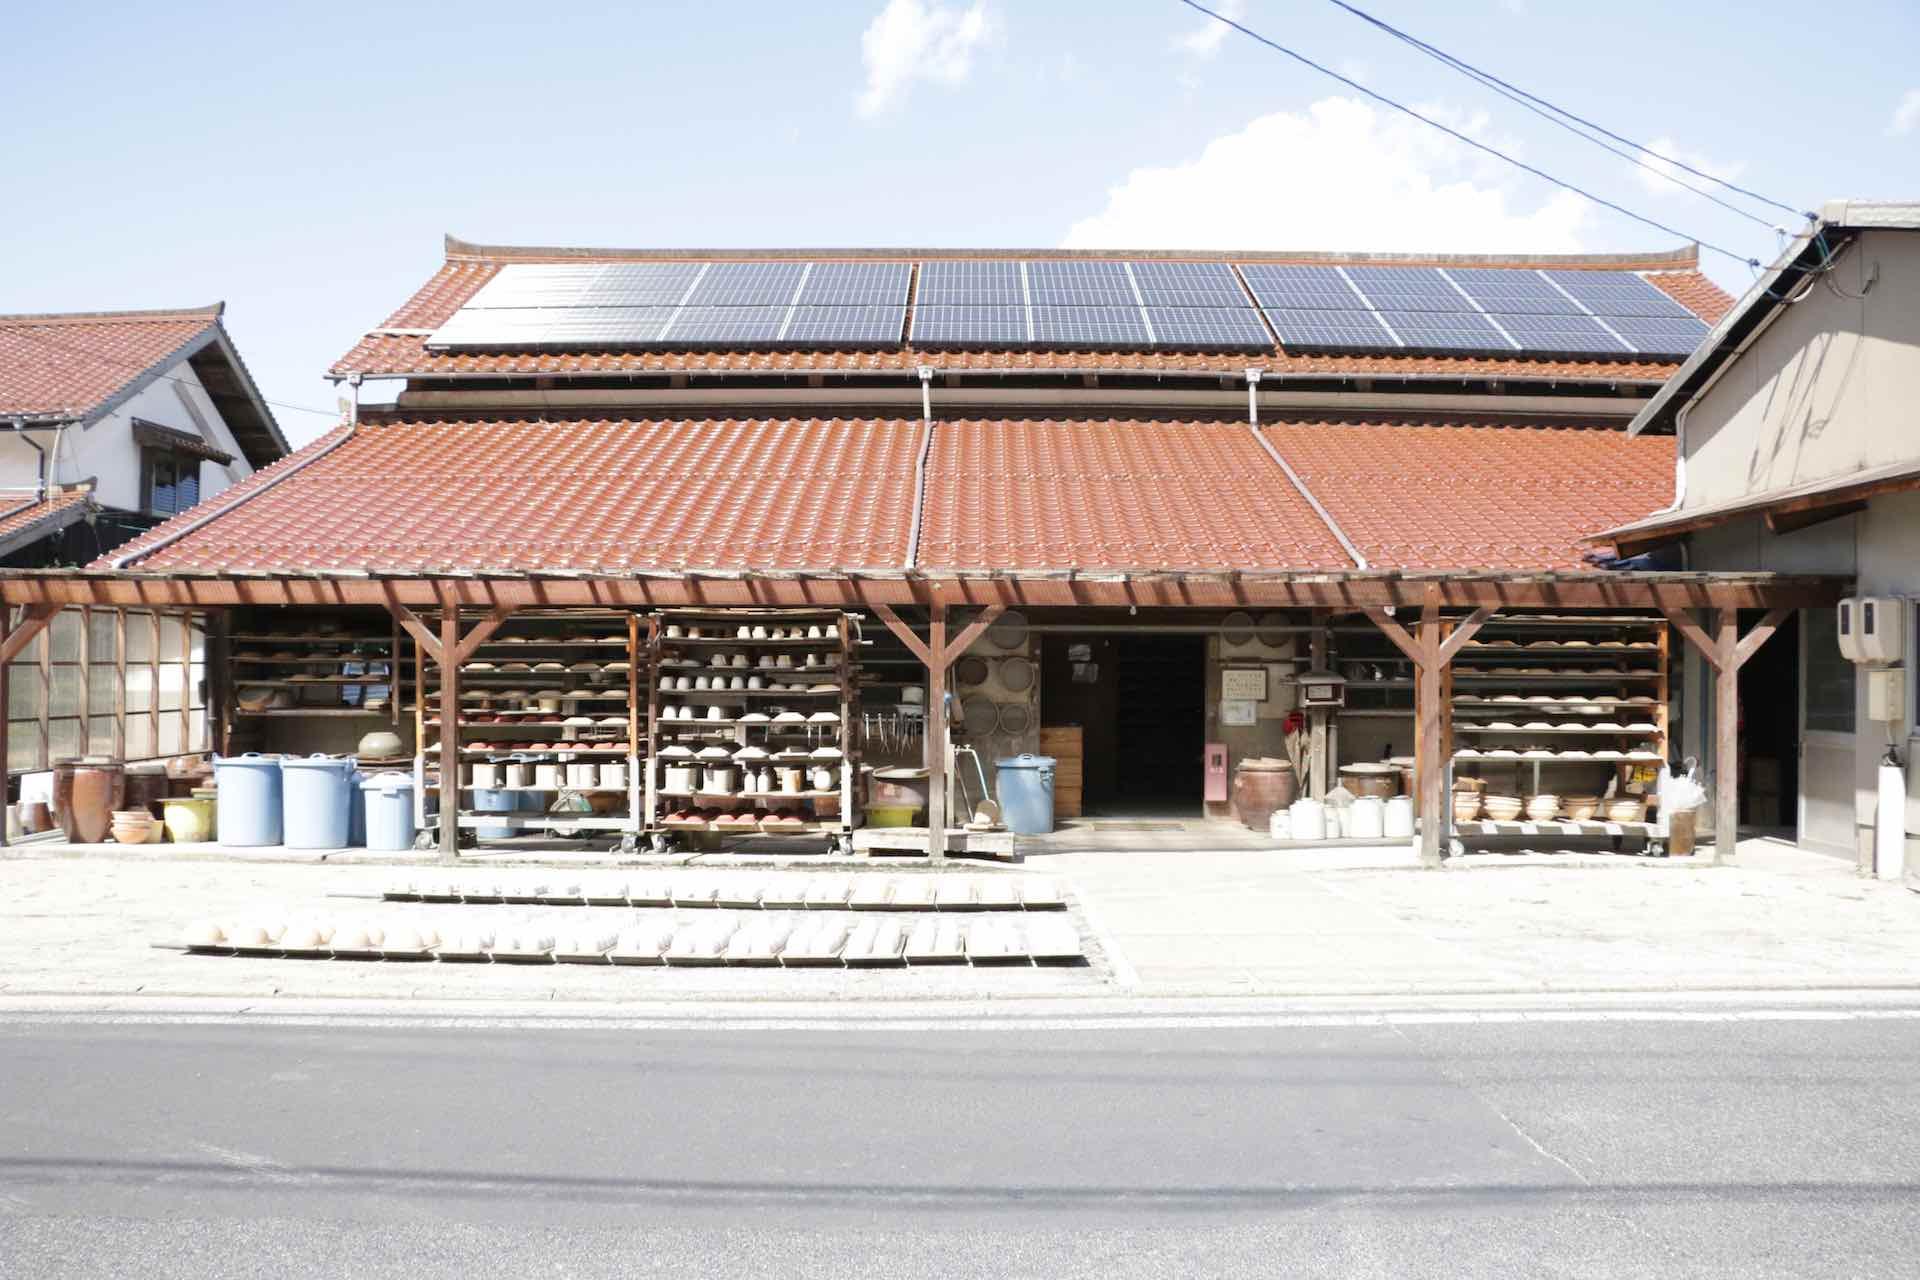 お米の倉庫を改築して作ったという工房。屋根には出雲地方特有の石州瓦。赤茶色が特徴的です